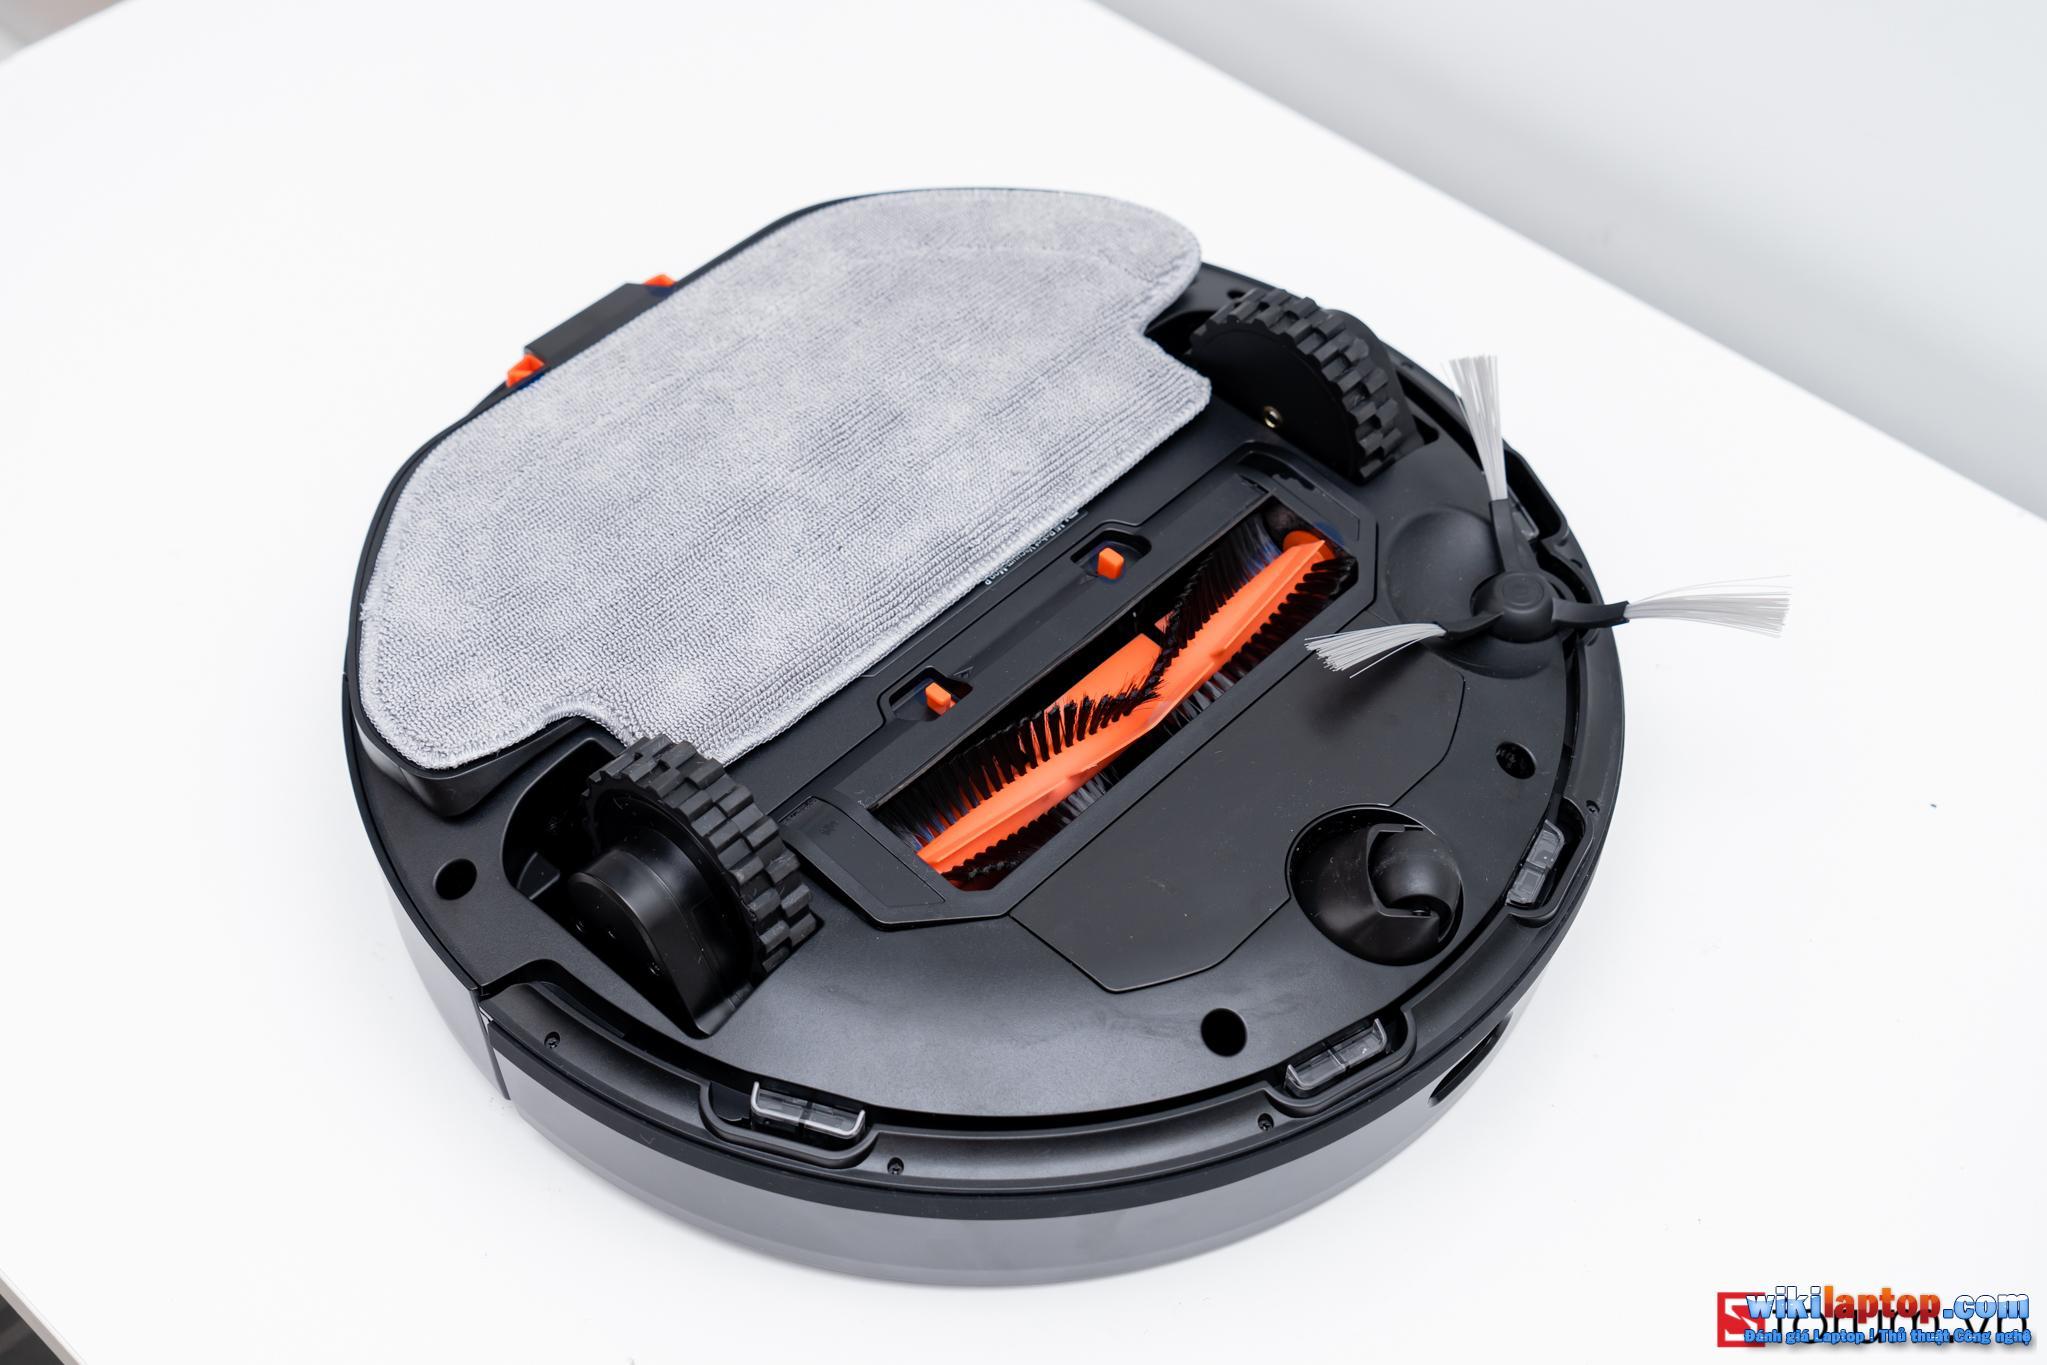 Sforum - Trang thông tin công nghệ mới nhất Mi-Robot-Máy hút bụi Mop-P-30 Đánh giá Mi Robot Máy hút bụi P: Làm sạch, hút thông minh và nhiều tính năng